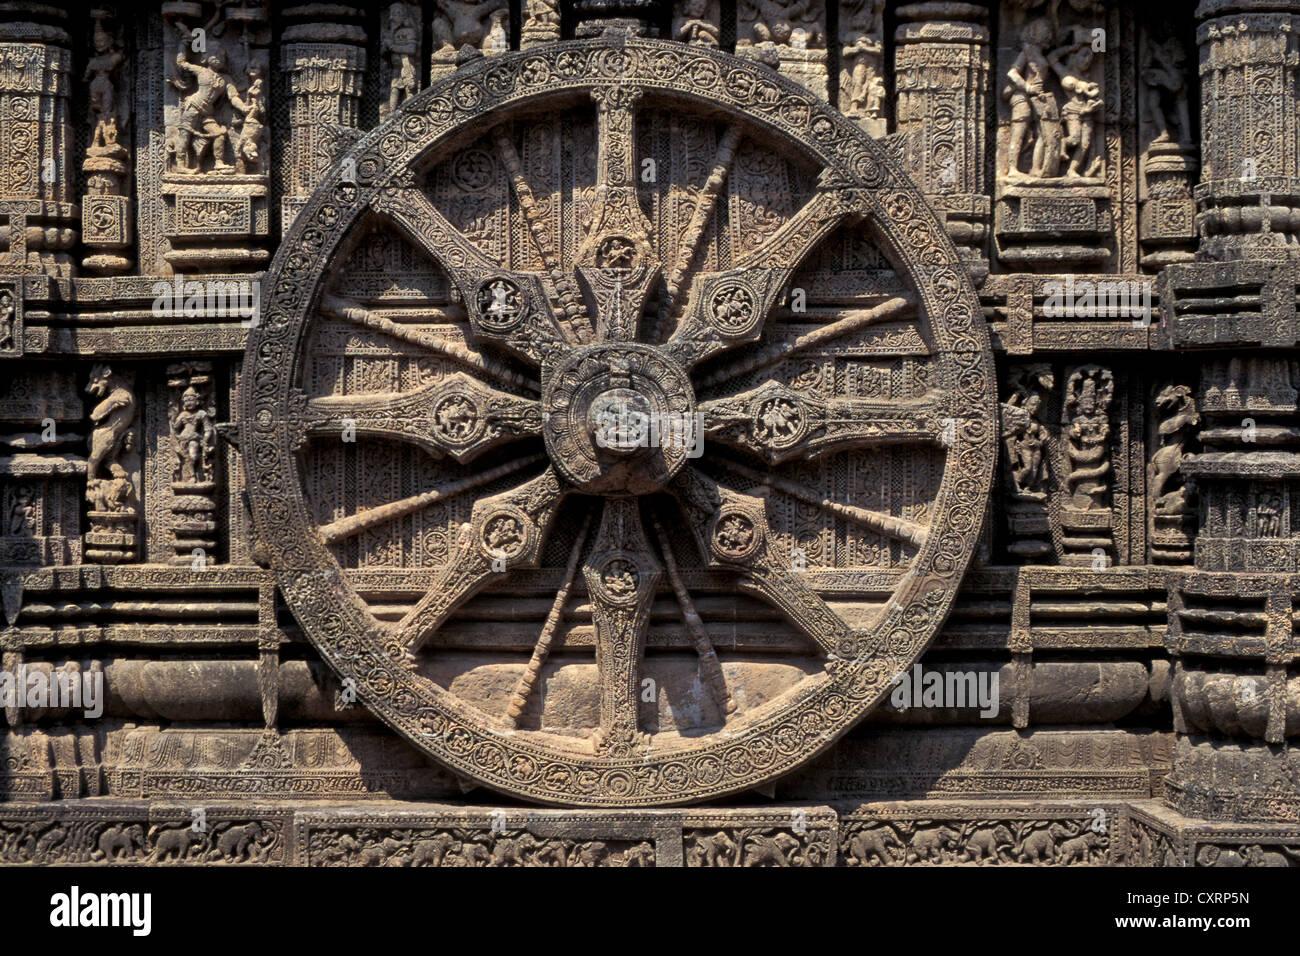 Ruota scolpito in pietra, carro del vedica del dio del sole Surya, Surya Tempio o Tempio del Sole ,, Sito Patrimonio Immagini Stock